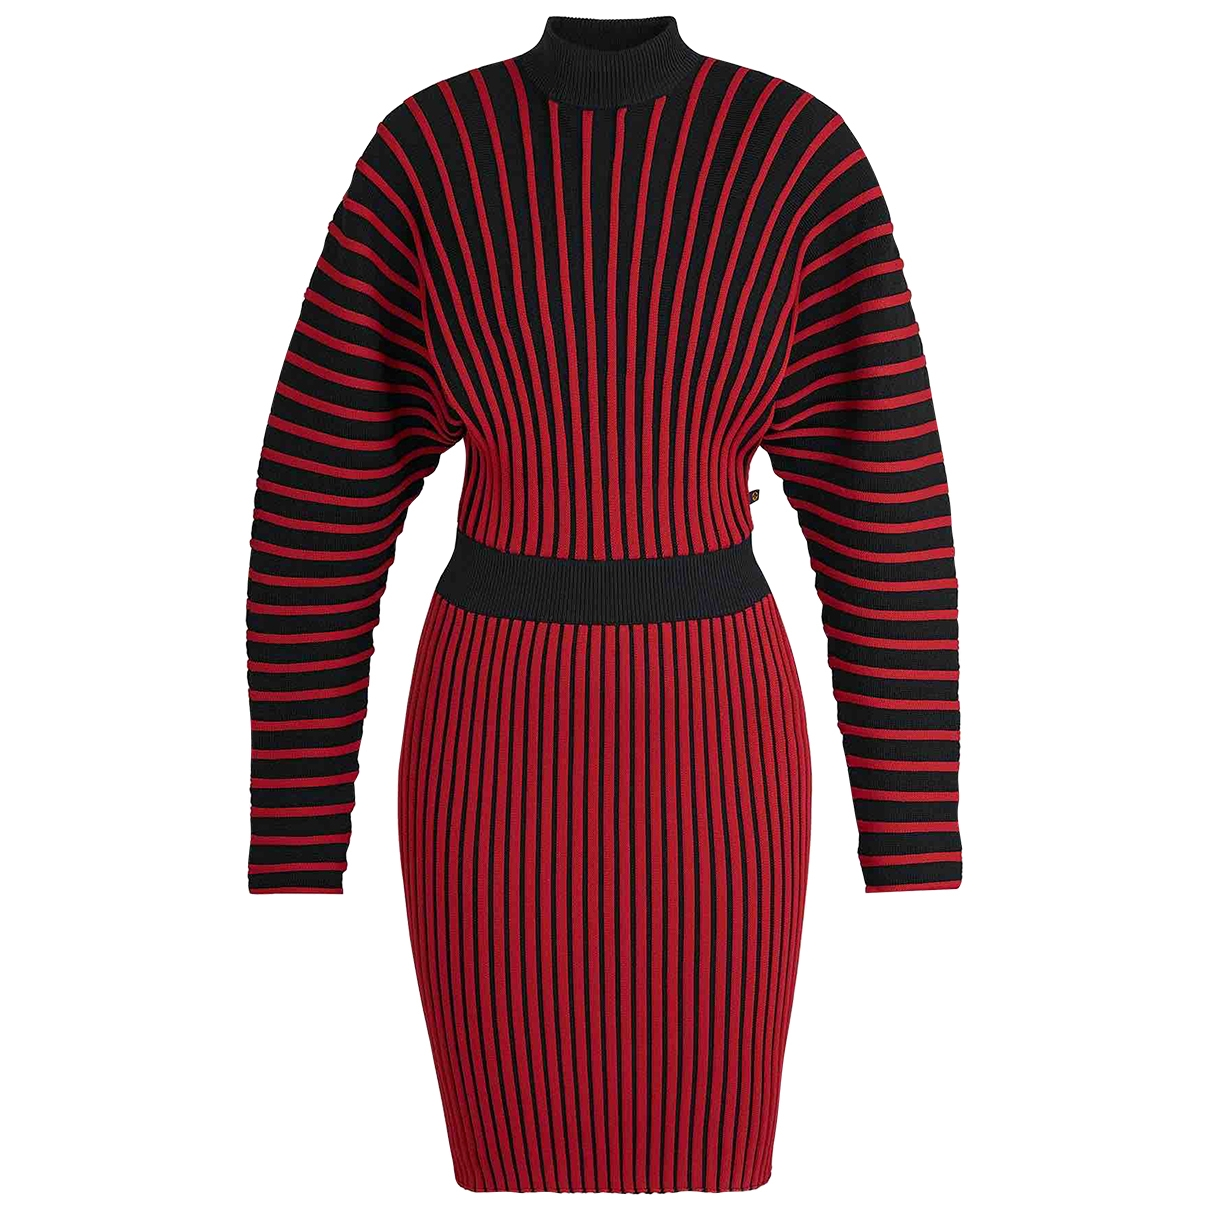 Louis Vuitton \N Red dress for Women M International